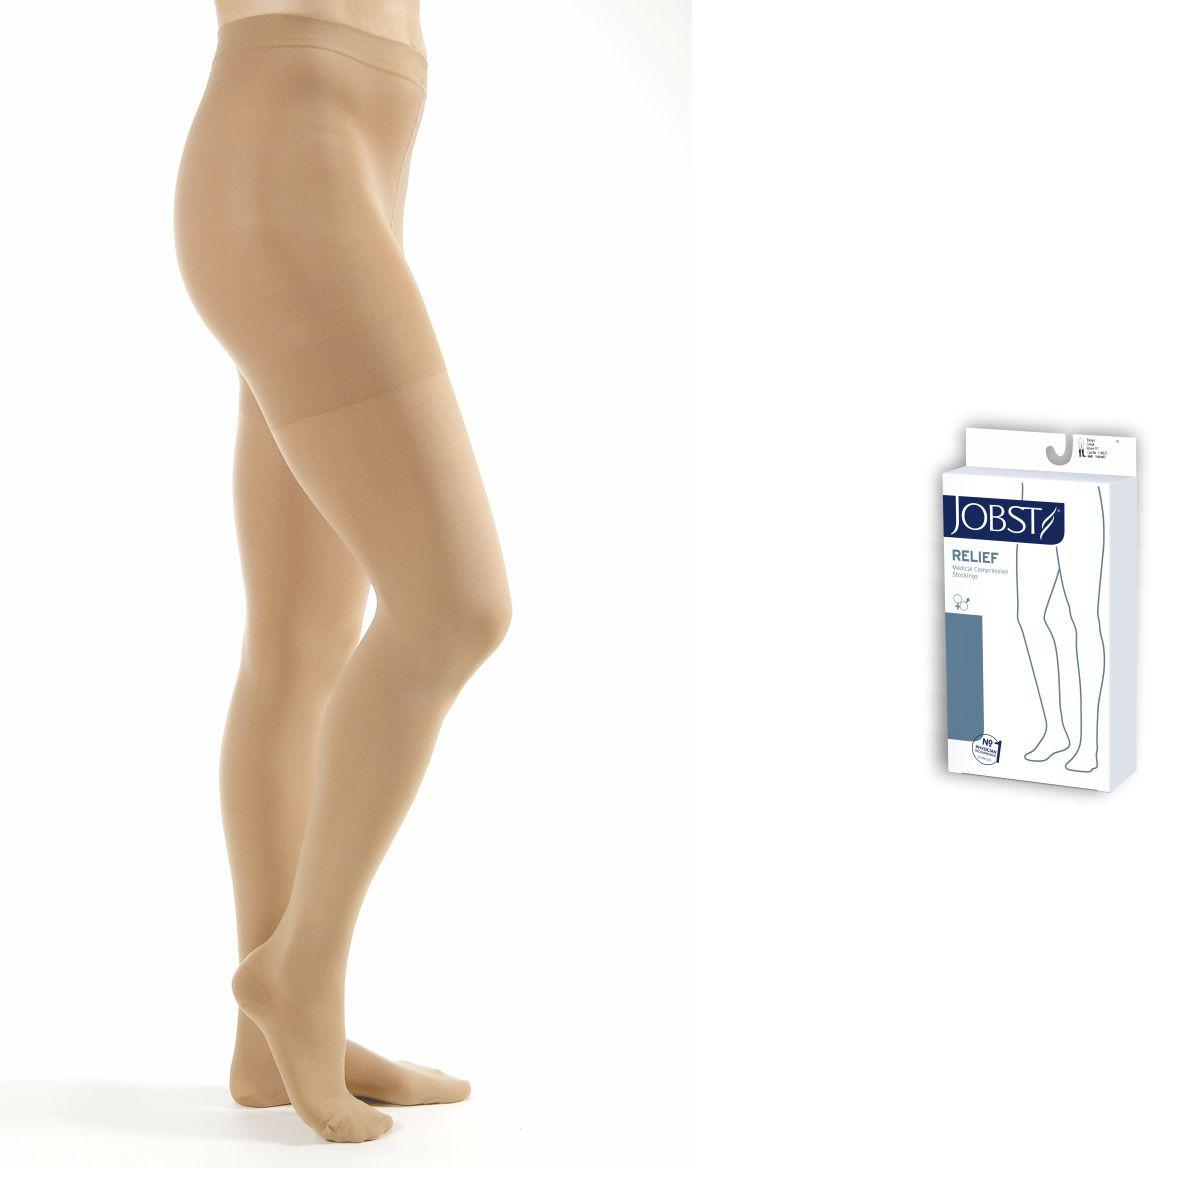 Vớ y khoa quần JOBST Relief - Cơ bản hỗ trợ điều trị giãn tĩnh mạch chân